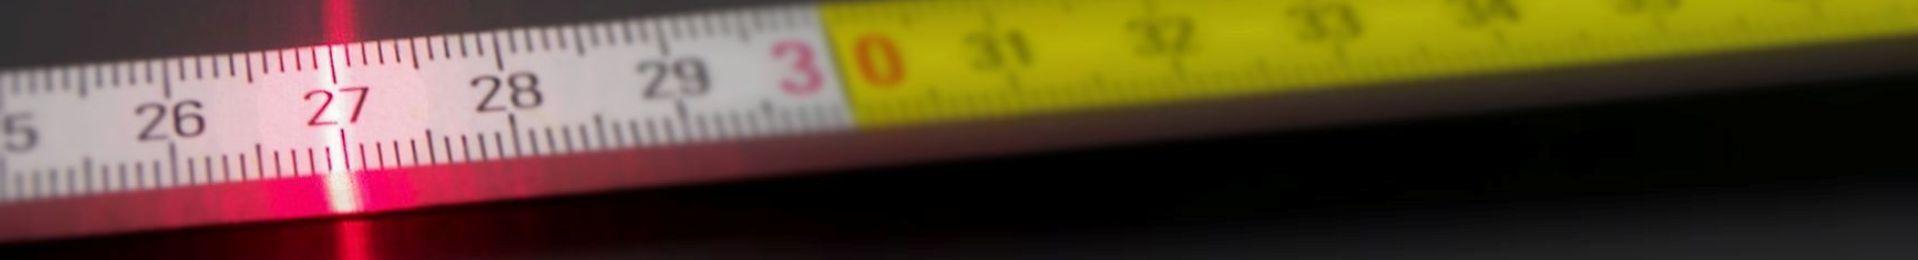 Spiegel verziert mit Dübeln bzw. Stöpseln - Online-Verkauf maßgeschneiderte Spiegel